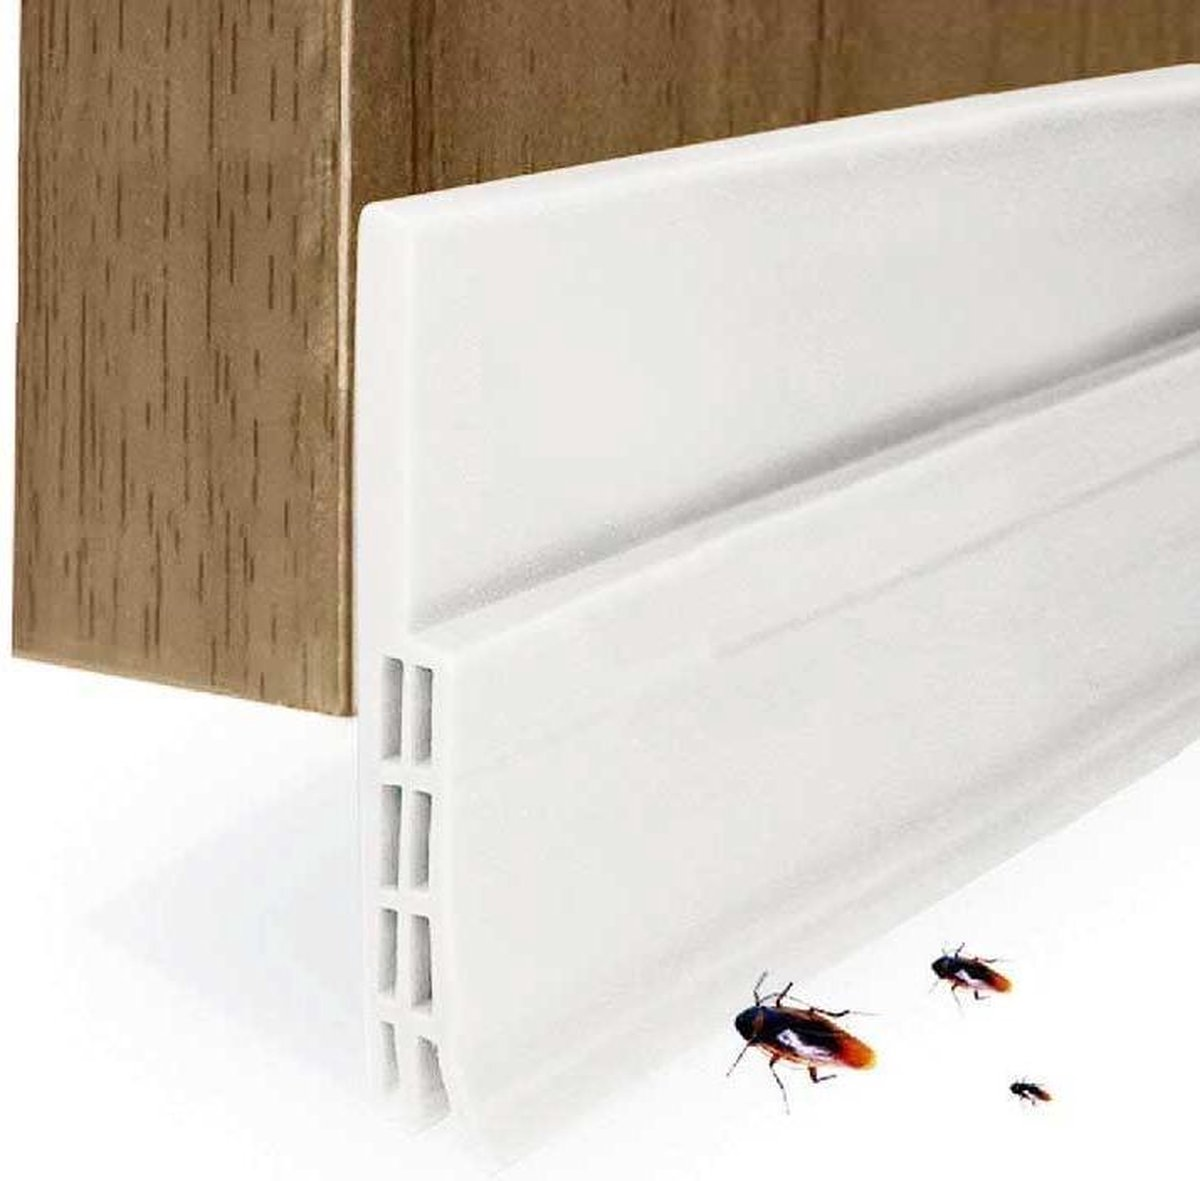 Rori - Aanpasbare Tochtstopper - Zelfklevende tochtstrip voor deuren - Wit - 100 cm x 5 cm